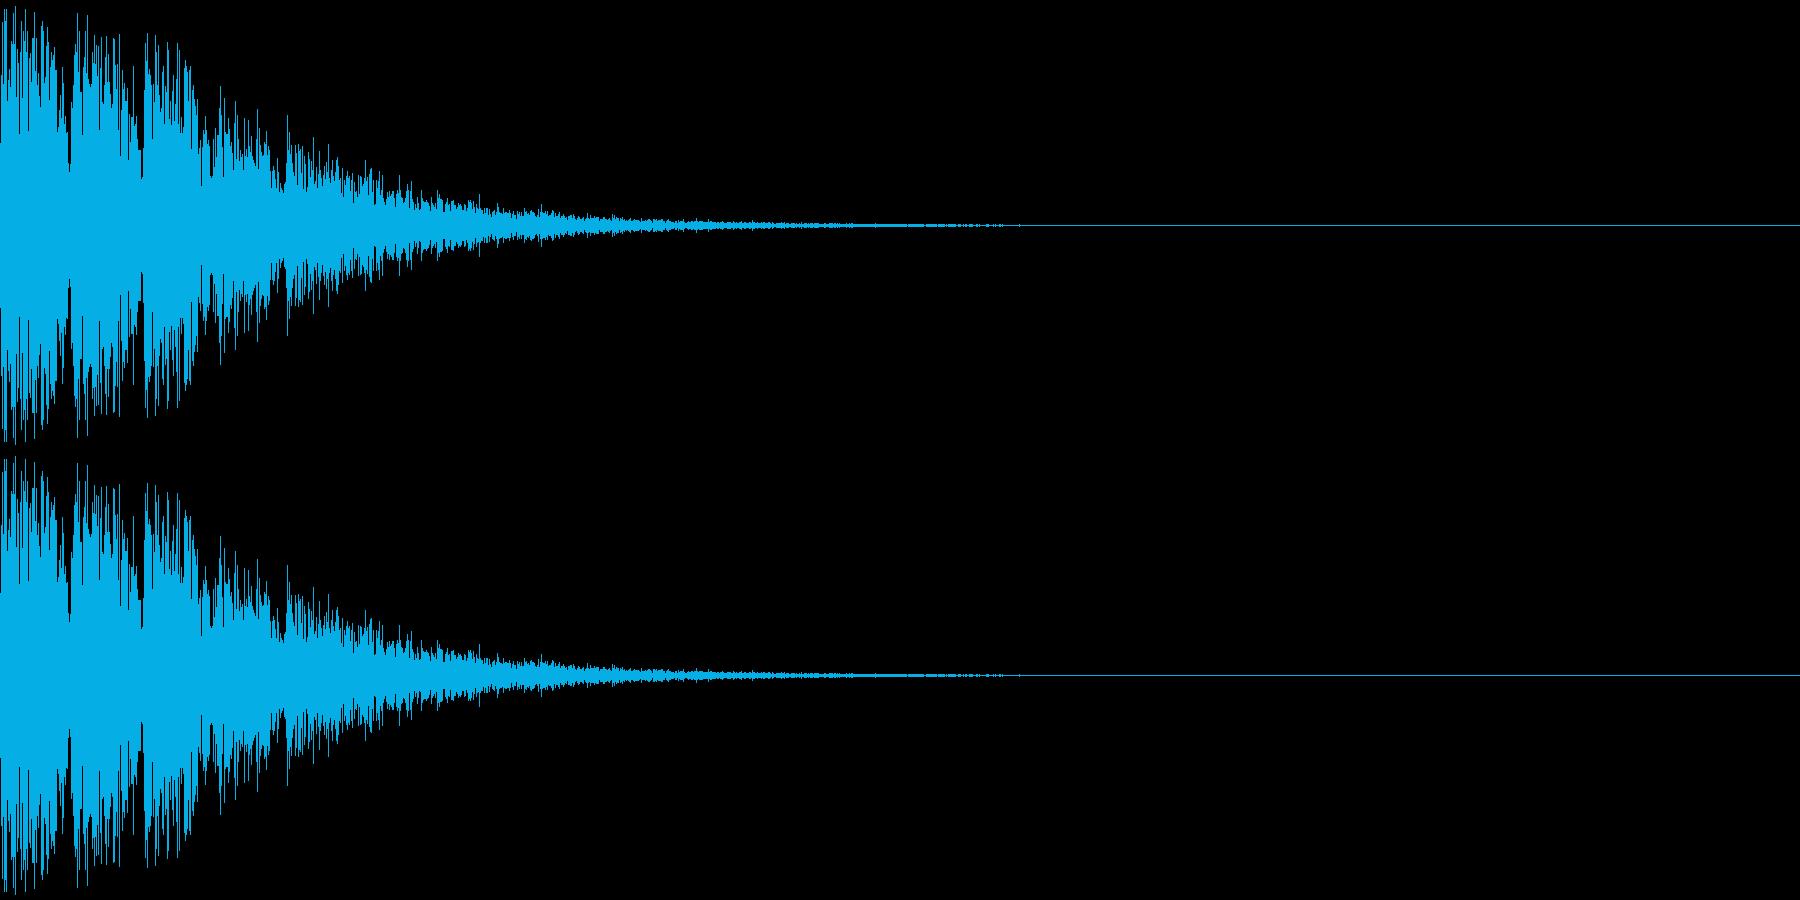 トゥントゥントゥン・・・(上がり系)の再生済みの波形